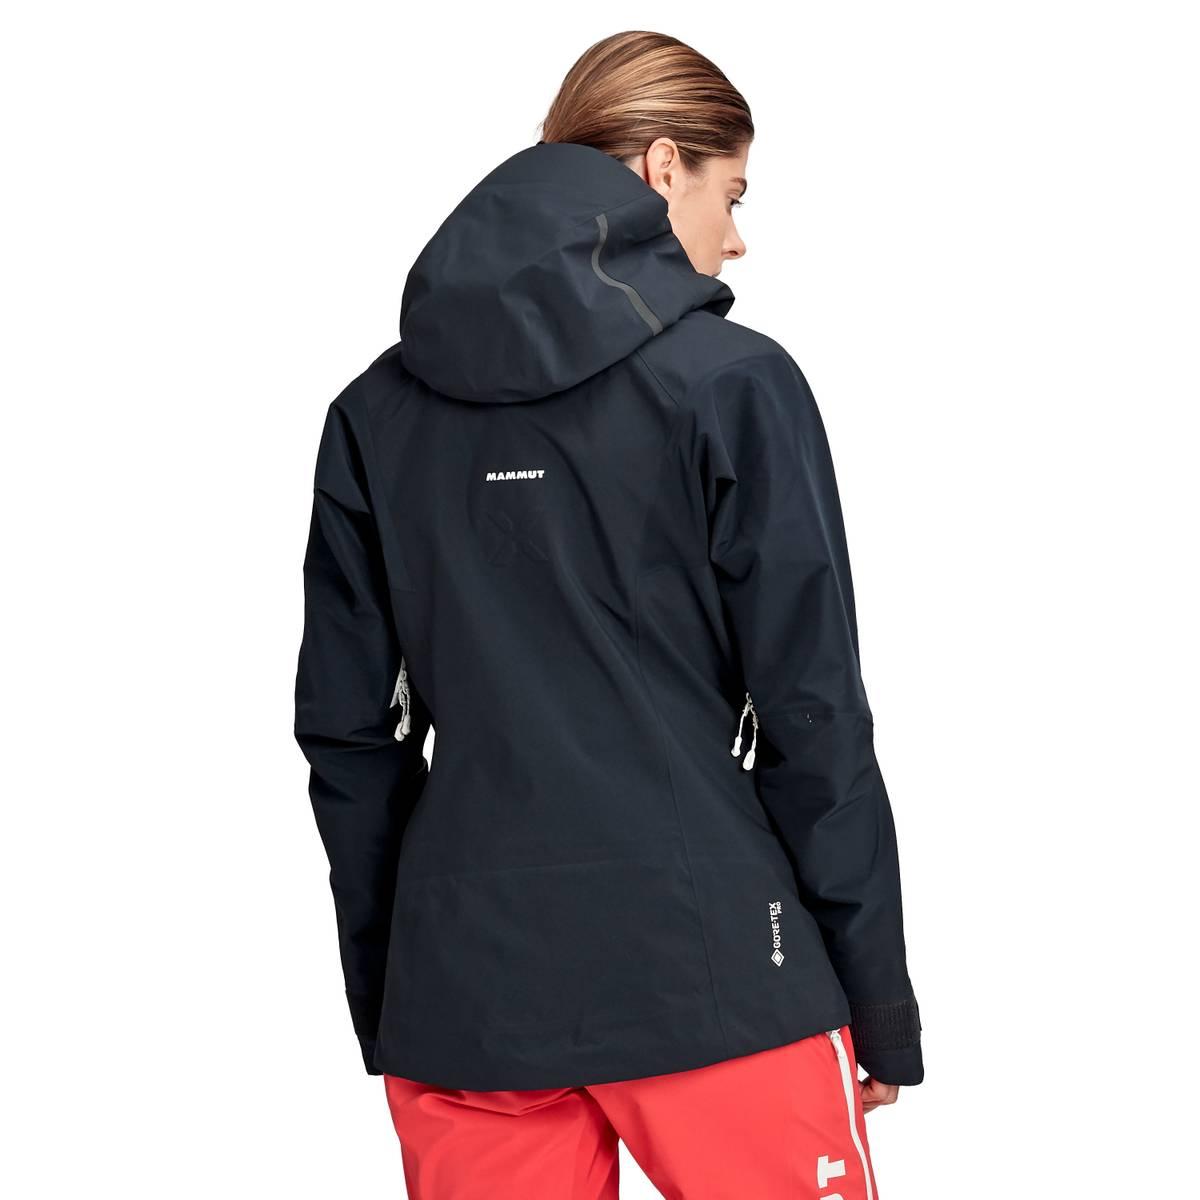 Mammut Nordwand Pro Hooded Hardshell Jacket Women Night